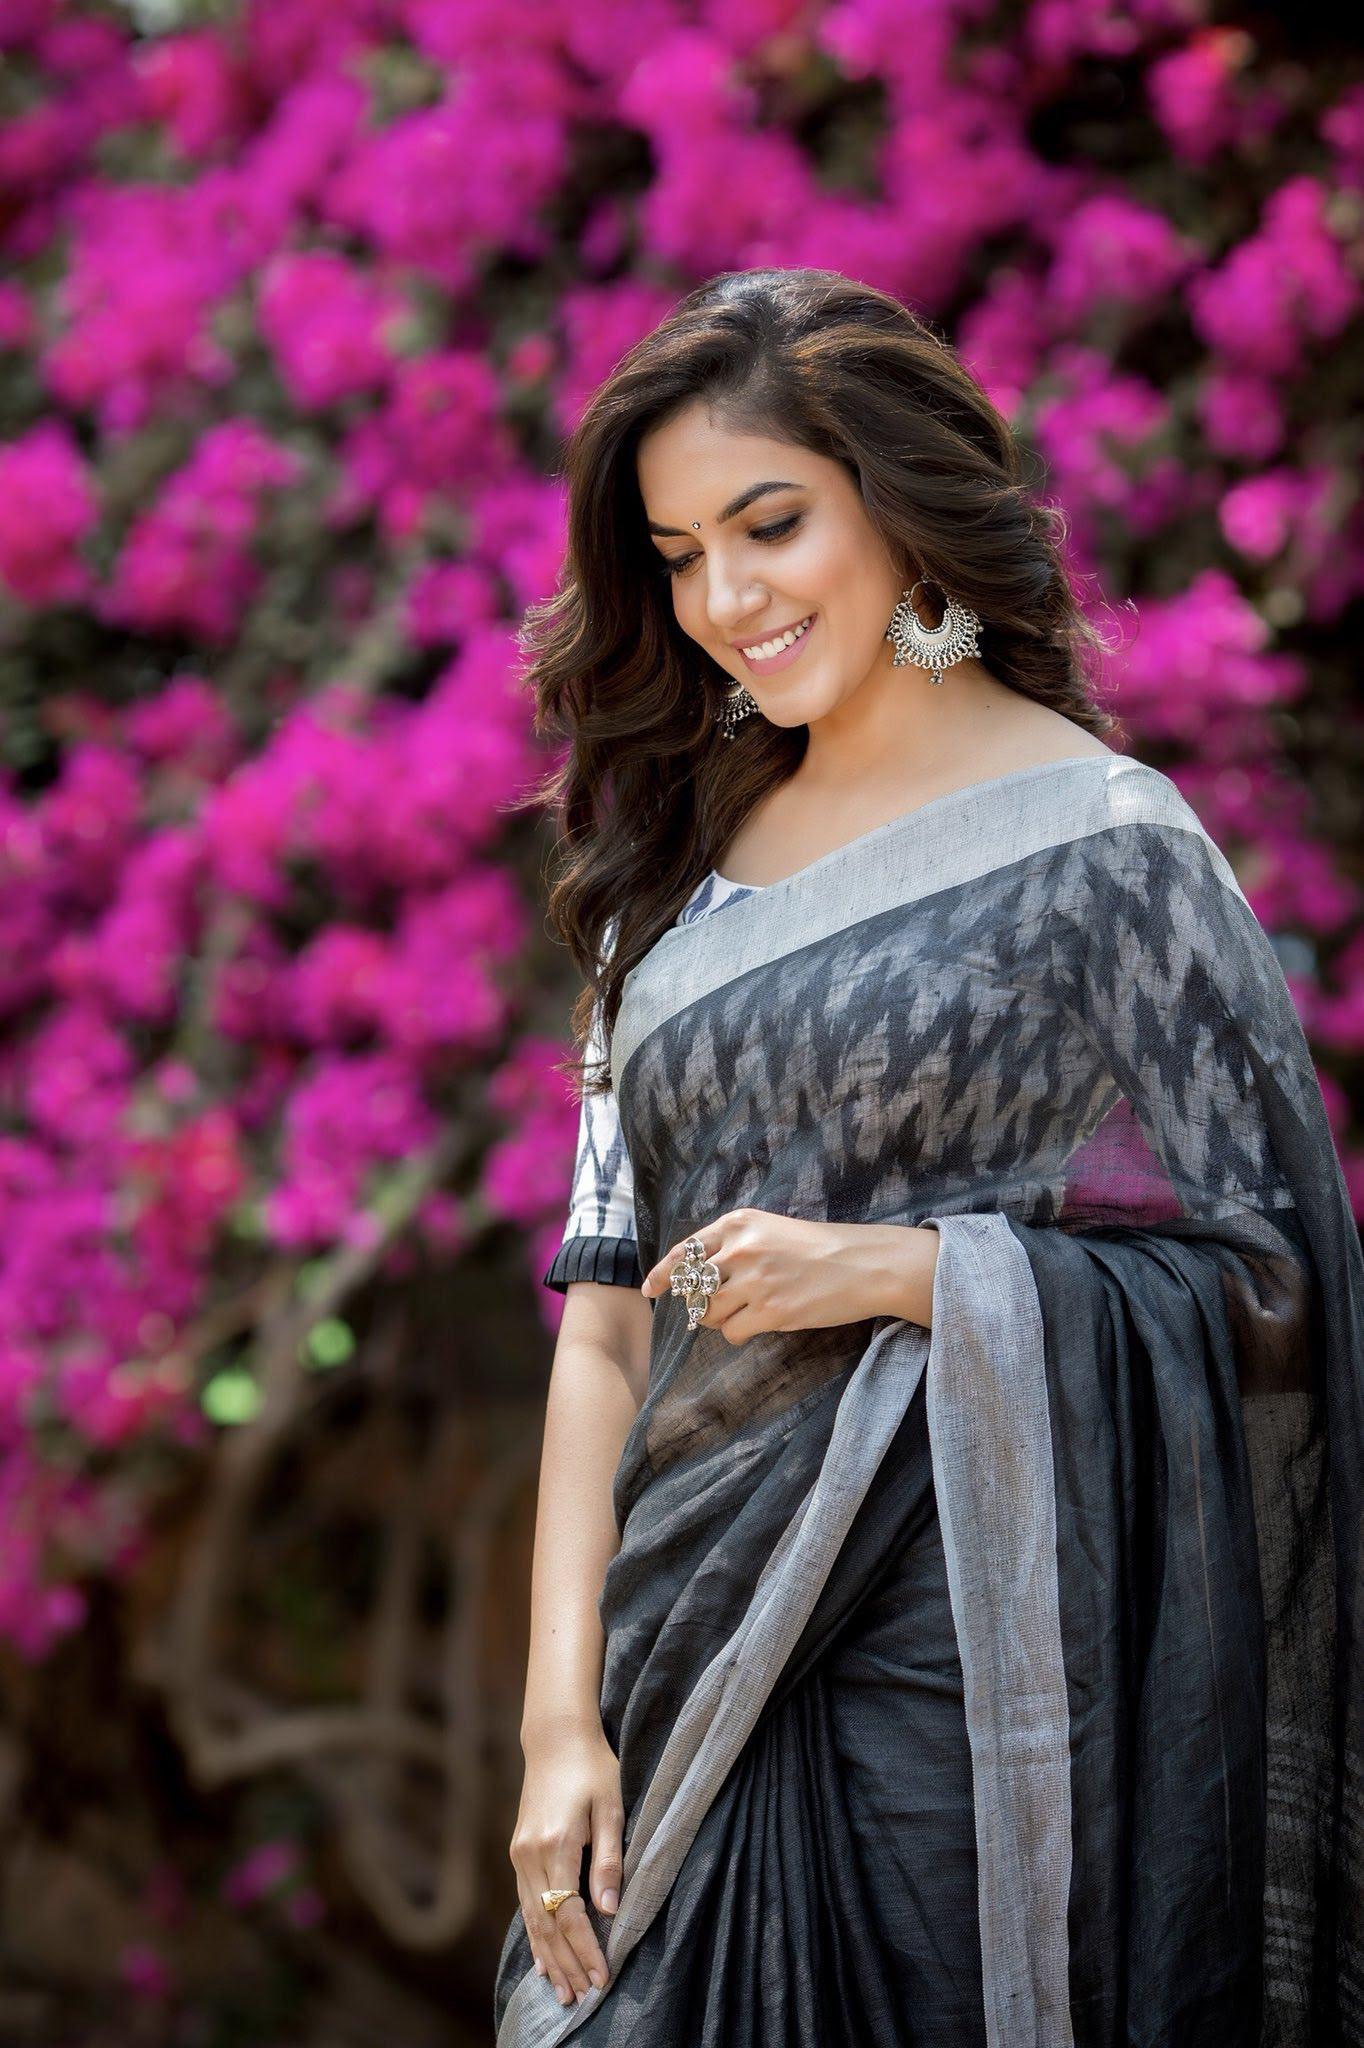 Ritu-Varma-images-513105